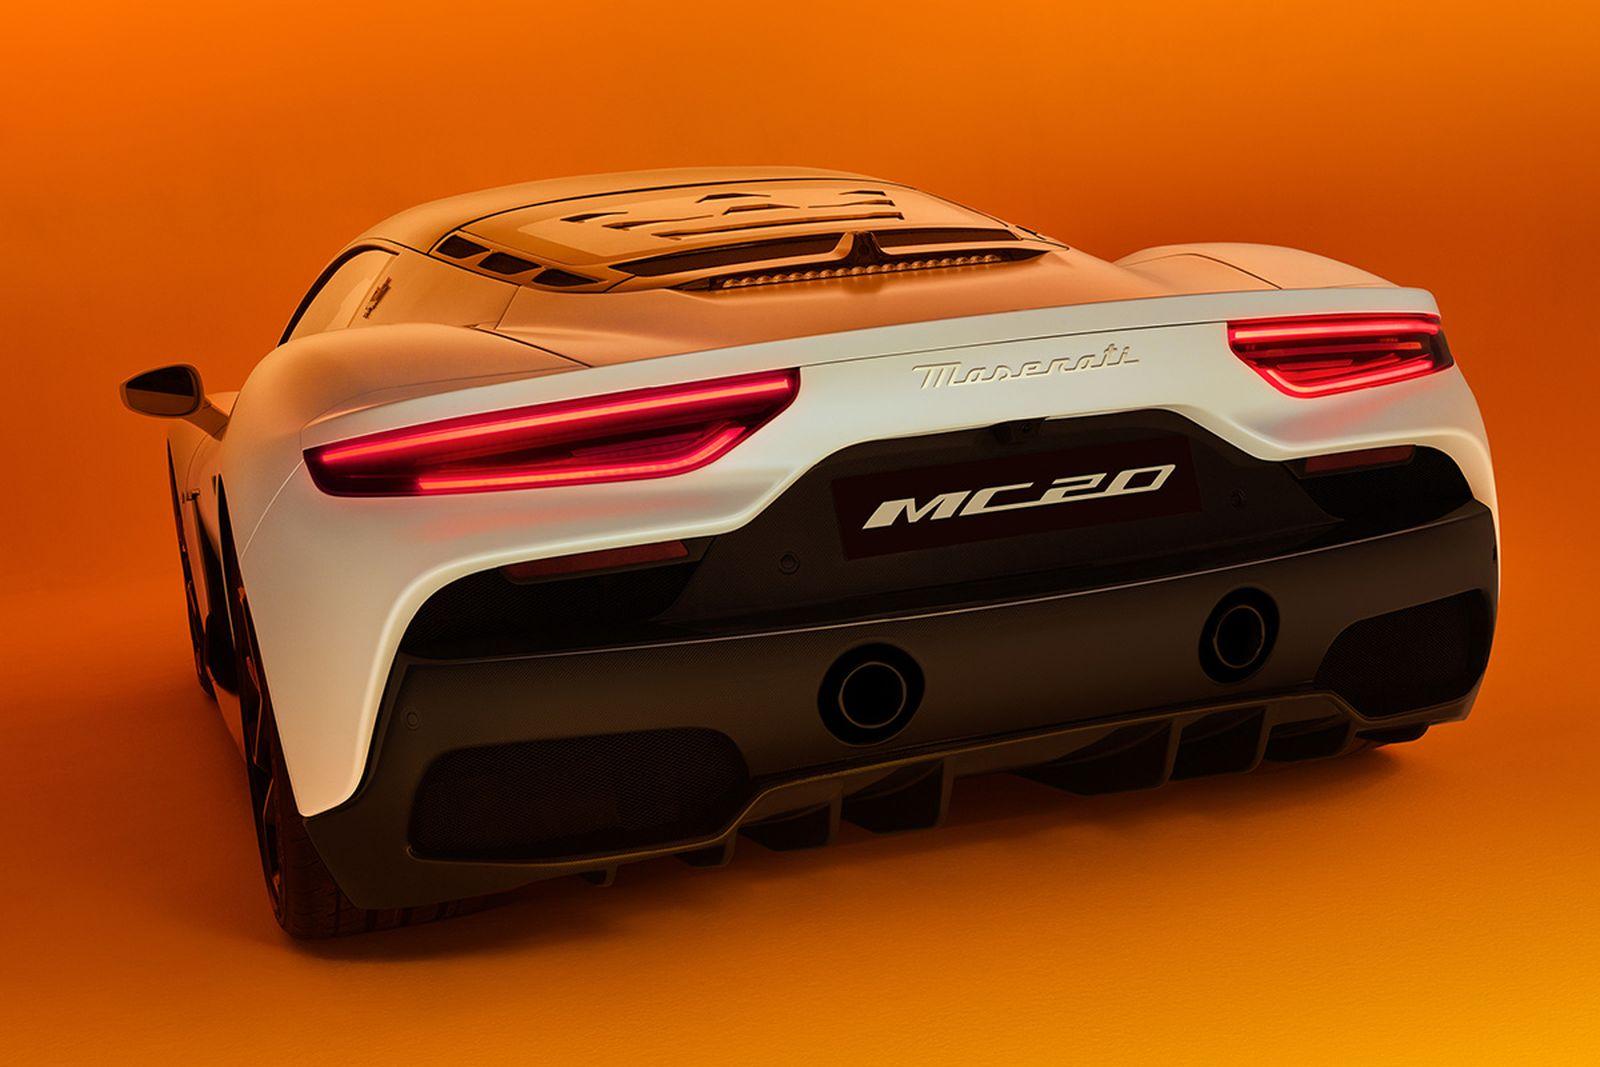 The all-new Maserati MC20 supercar.